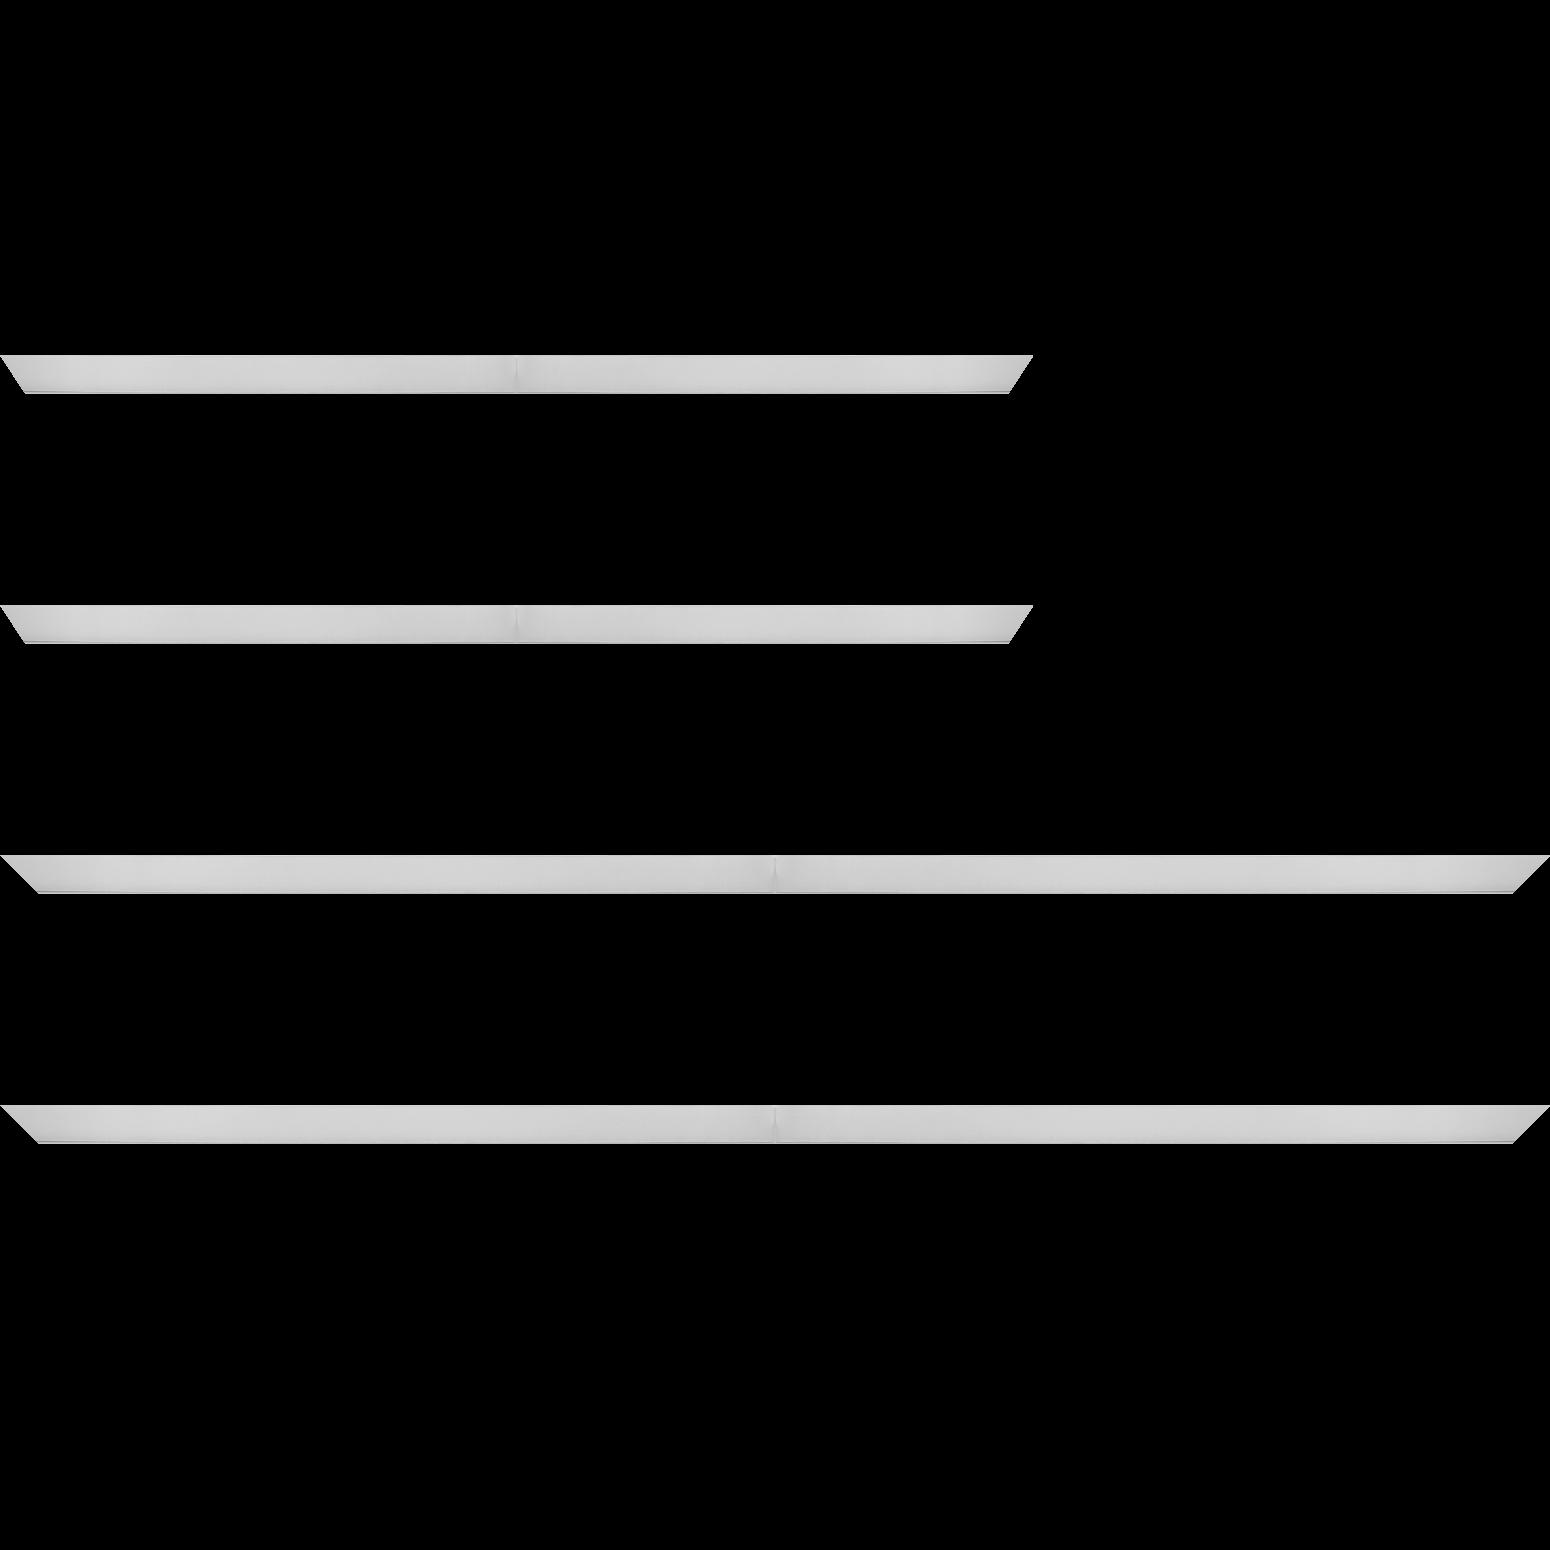 Baguette service précoupé Bois recouvert aluminium profil plat largeur 2.5cm argent brossé bord droit